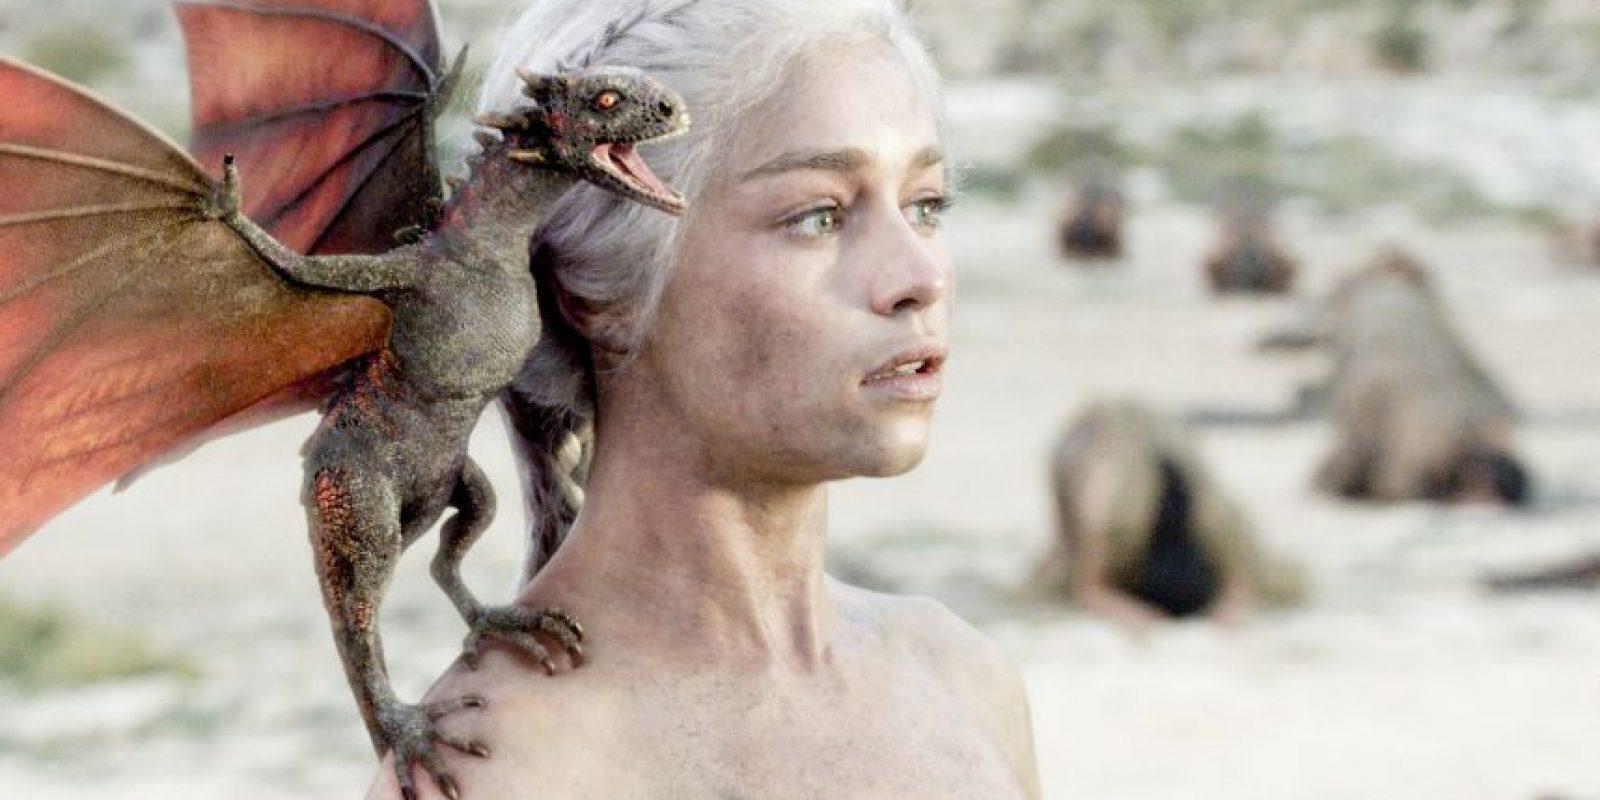 Emilia Clarke es Daenerys Targaryen, hija de Aerys y hermana de Vyserys. Se traumatiza al comienzo por ser vendida en matrimonio a Khal Drogo, pero luego demuestra ser una gran líder dothraki. Luego de la muerte de su marido e hijo, se coloca en el fuego con unos huevos de dragones que le regalaron, haciéndolos vivir de nuevo, y pudiéndolos controlar a su voluntad. Por eso se le llama 'Madre de Dragones'. Foto:HBO Latinoamérica